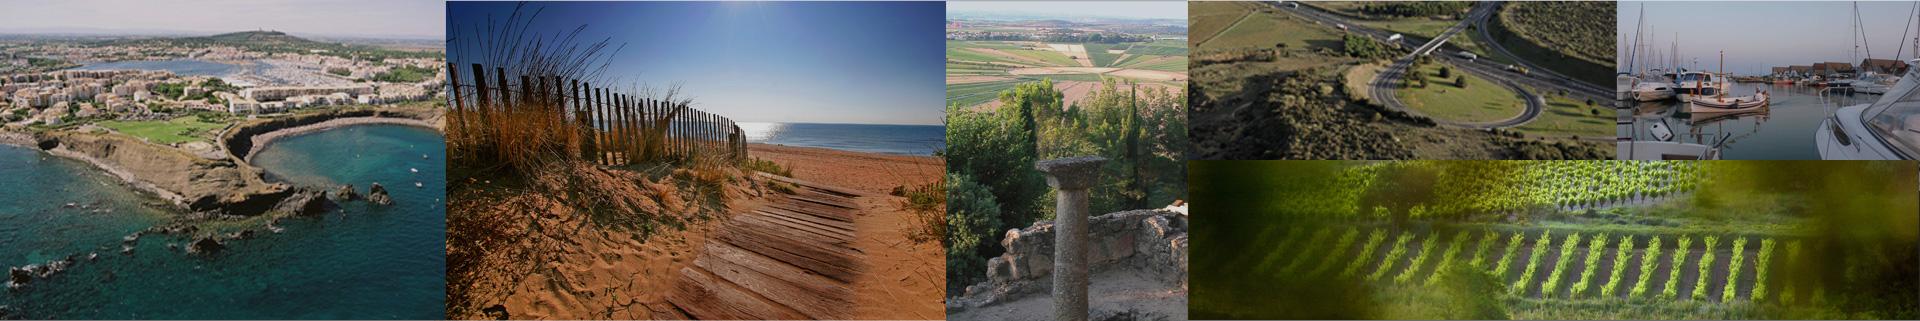 vignes plage vue aérienne biterroises